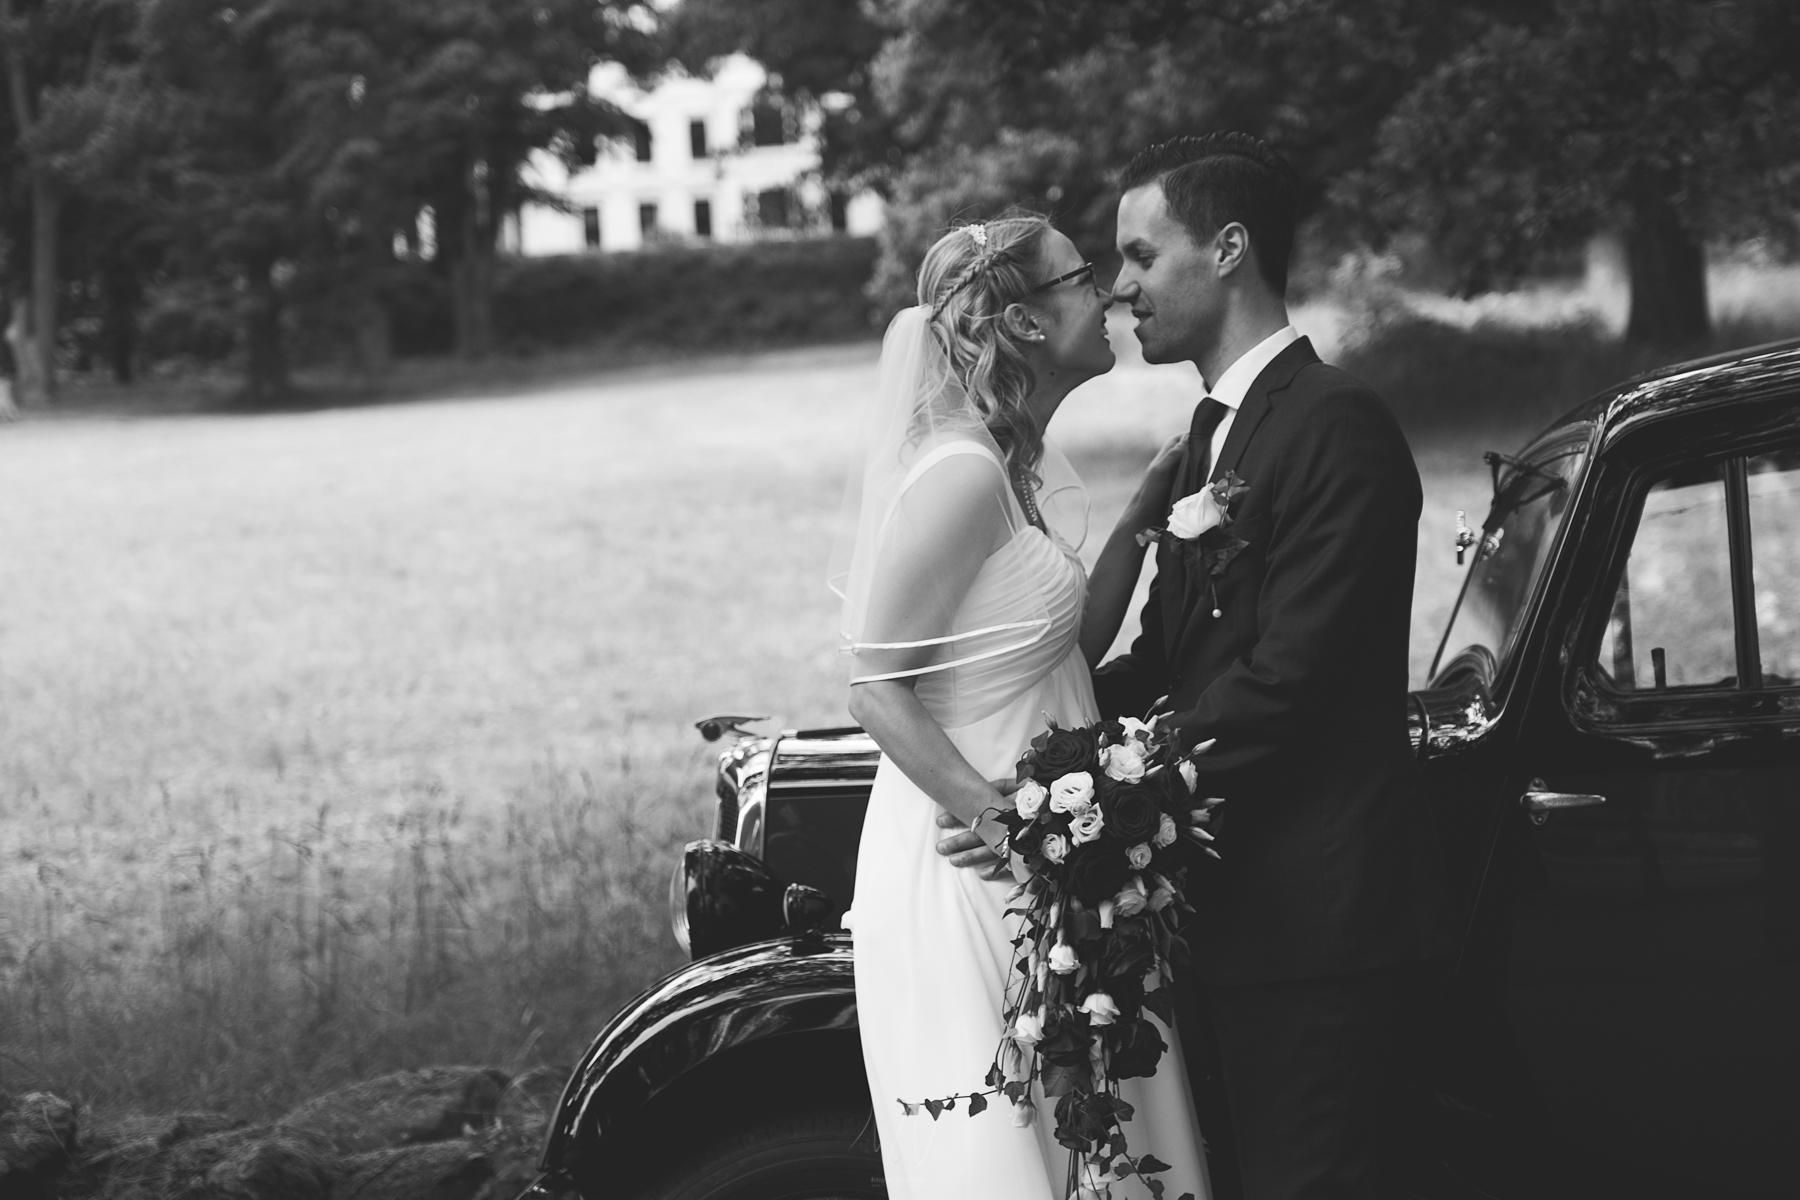 bröllopsfoto_maxnorin-80.jpg